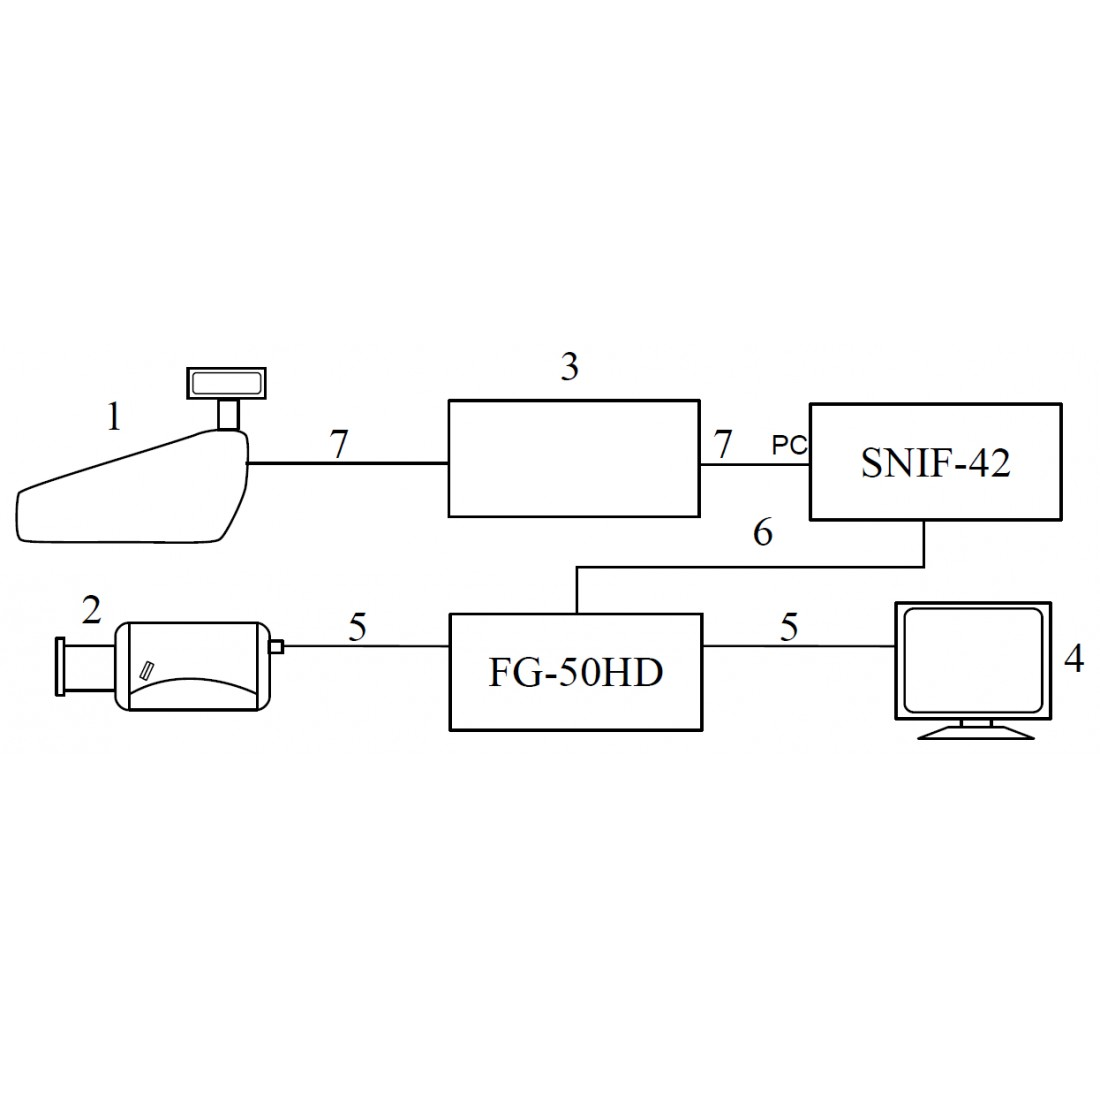 Konfigurácia s použitím registracnej pokladne, ktorá disponuje výstupom RS-232 monitora transakcie